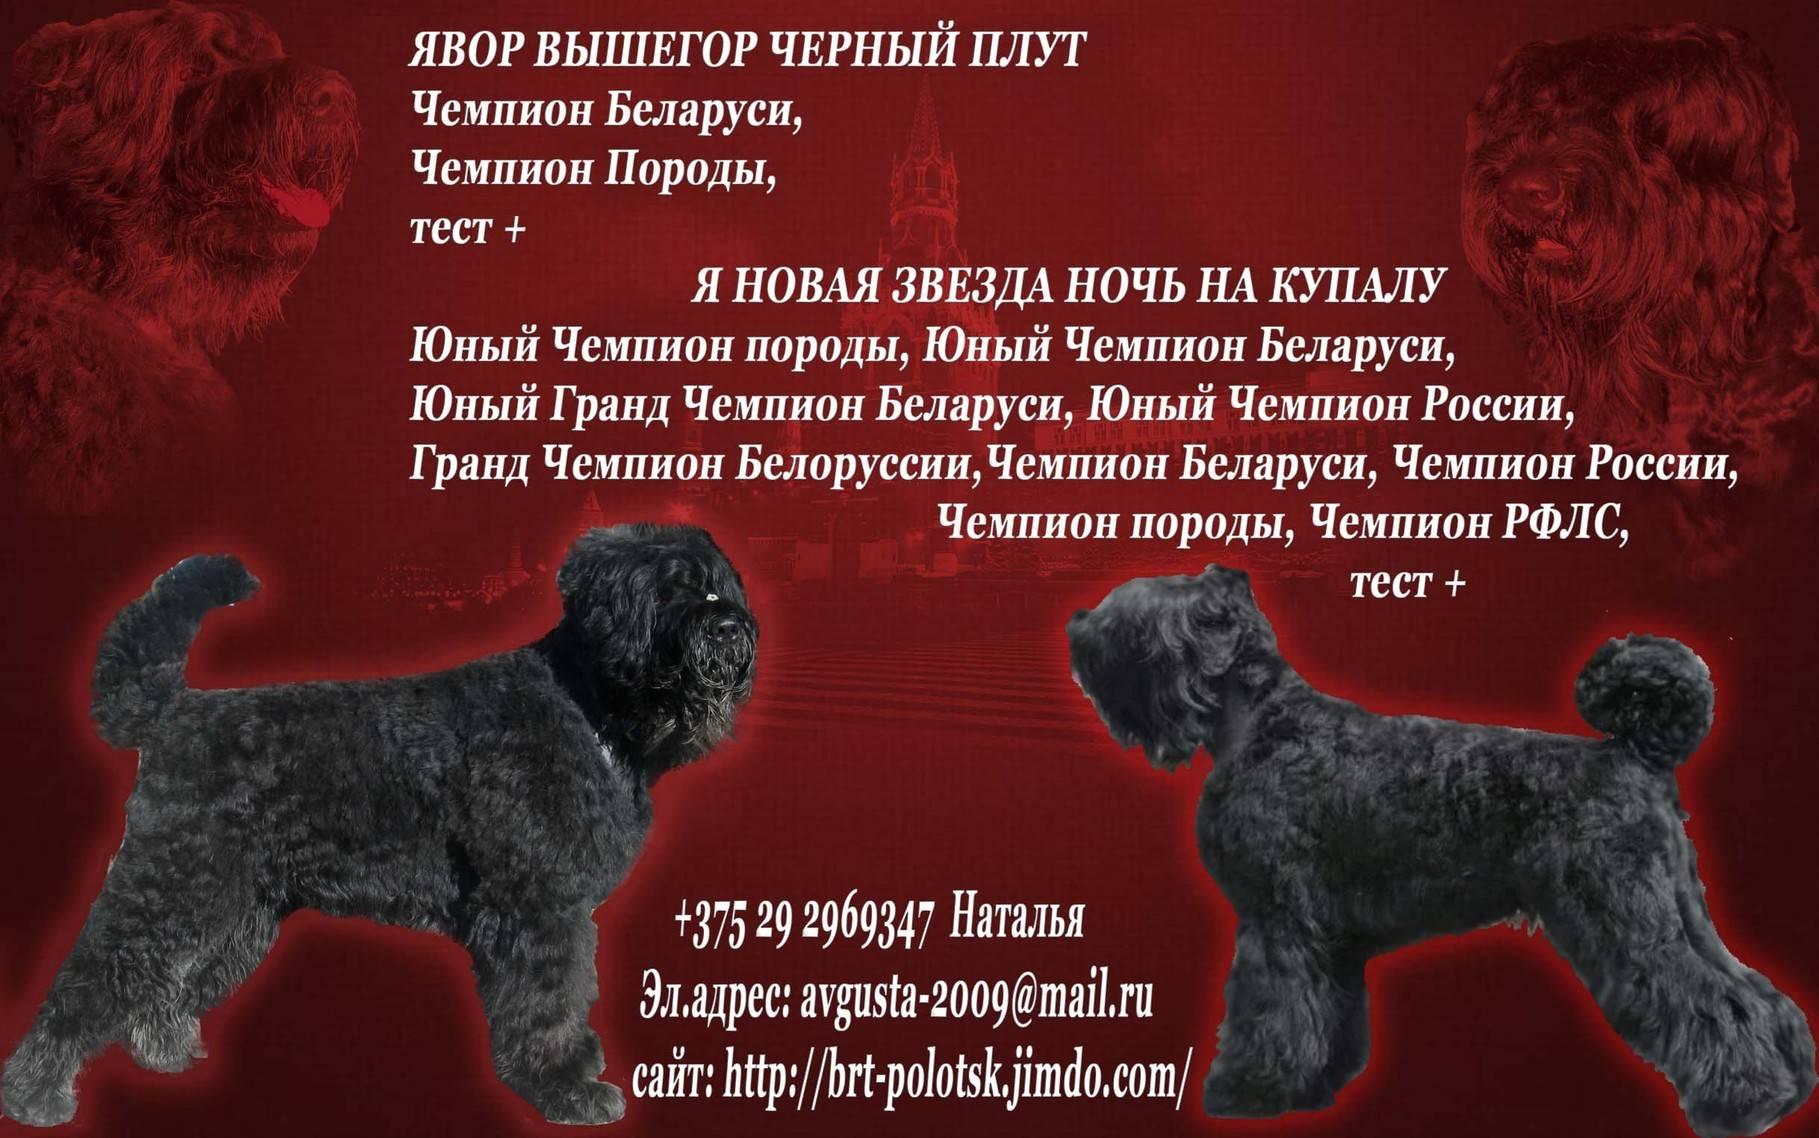 Русский черный терьер (фото): ум, решительность и обаяние - kot-pes